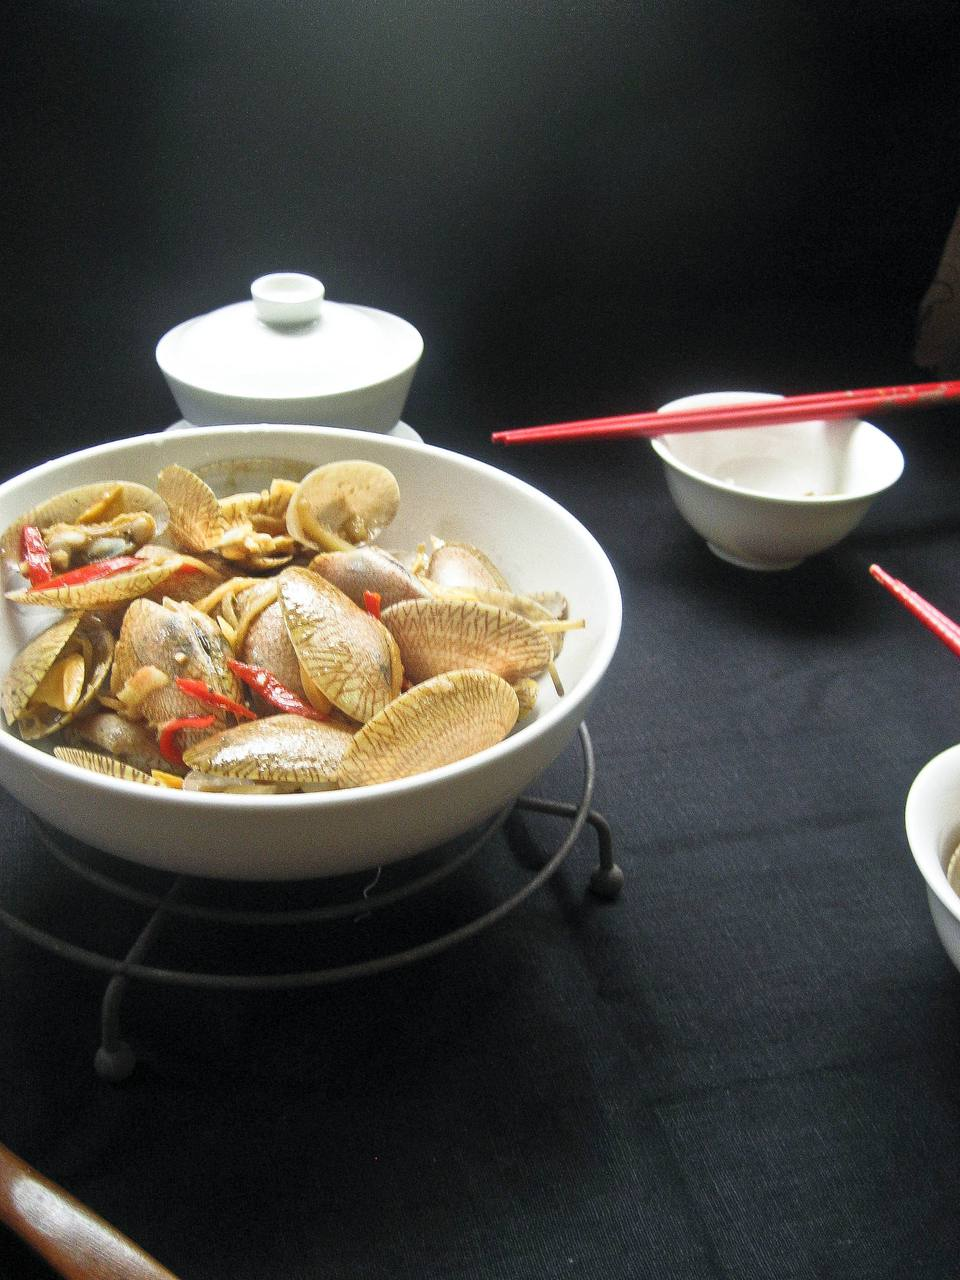 Receta de almejas salteadas en salsa de frijoles negros